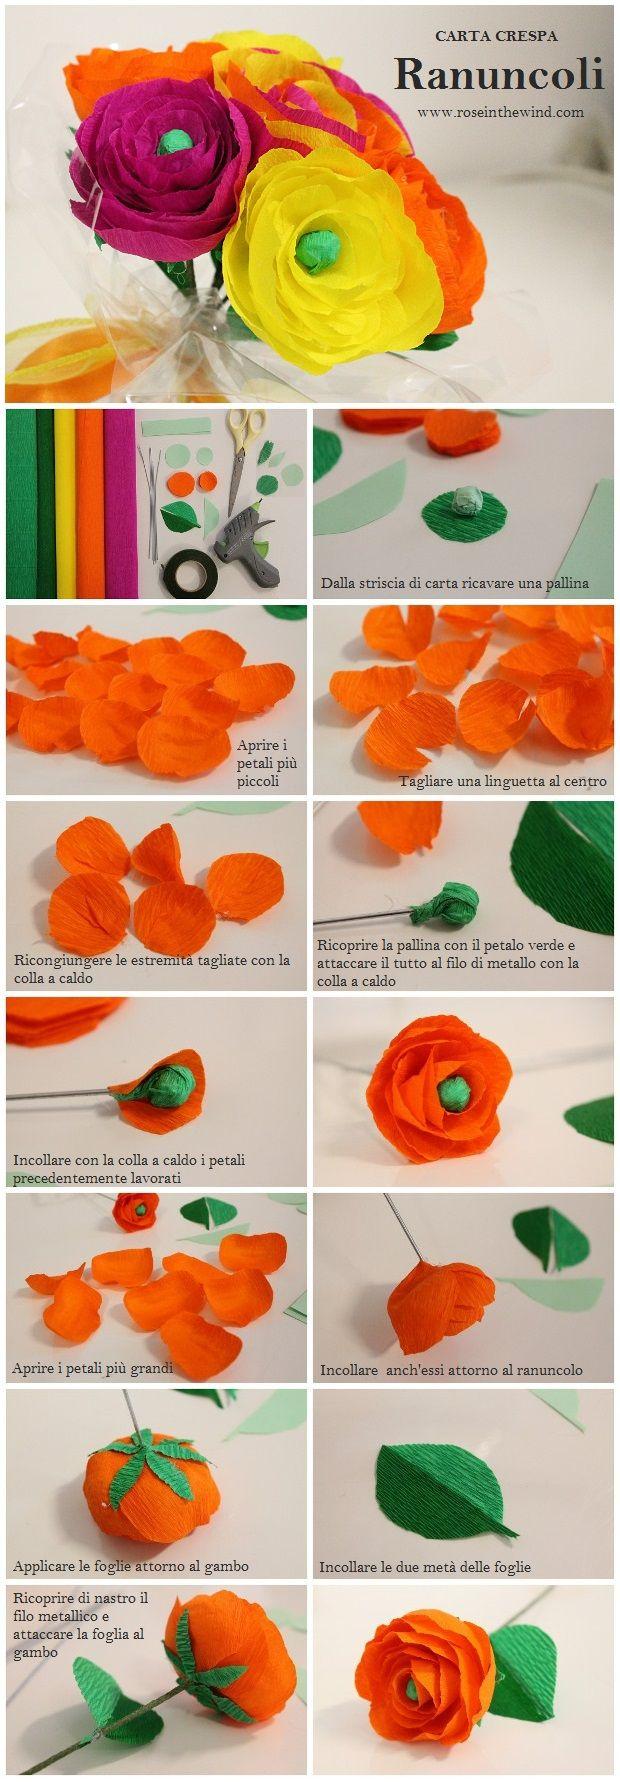 Oltre 25 fantastiche idee su decorazioni di carta crespa su pinterest decorazioni con i - Carta crespa decorazioni ...